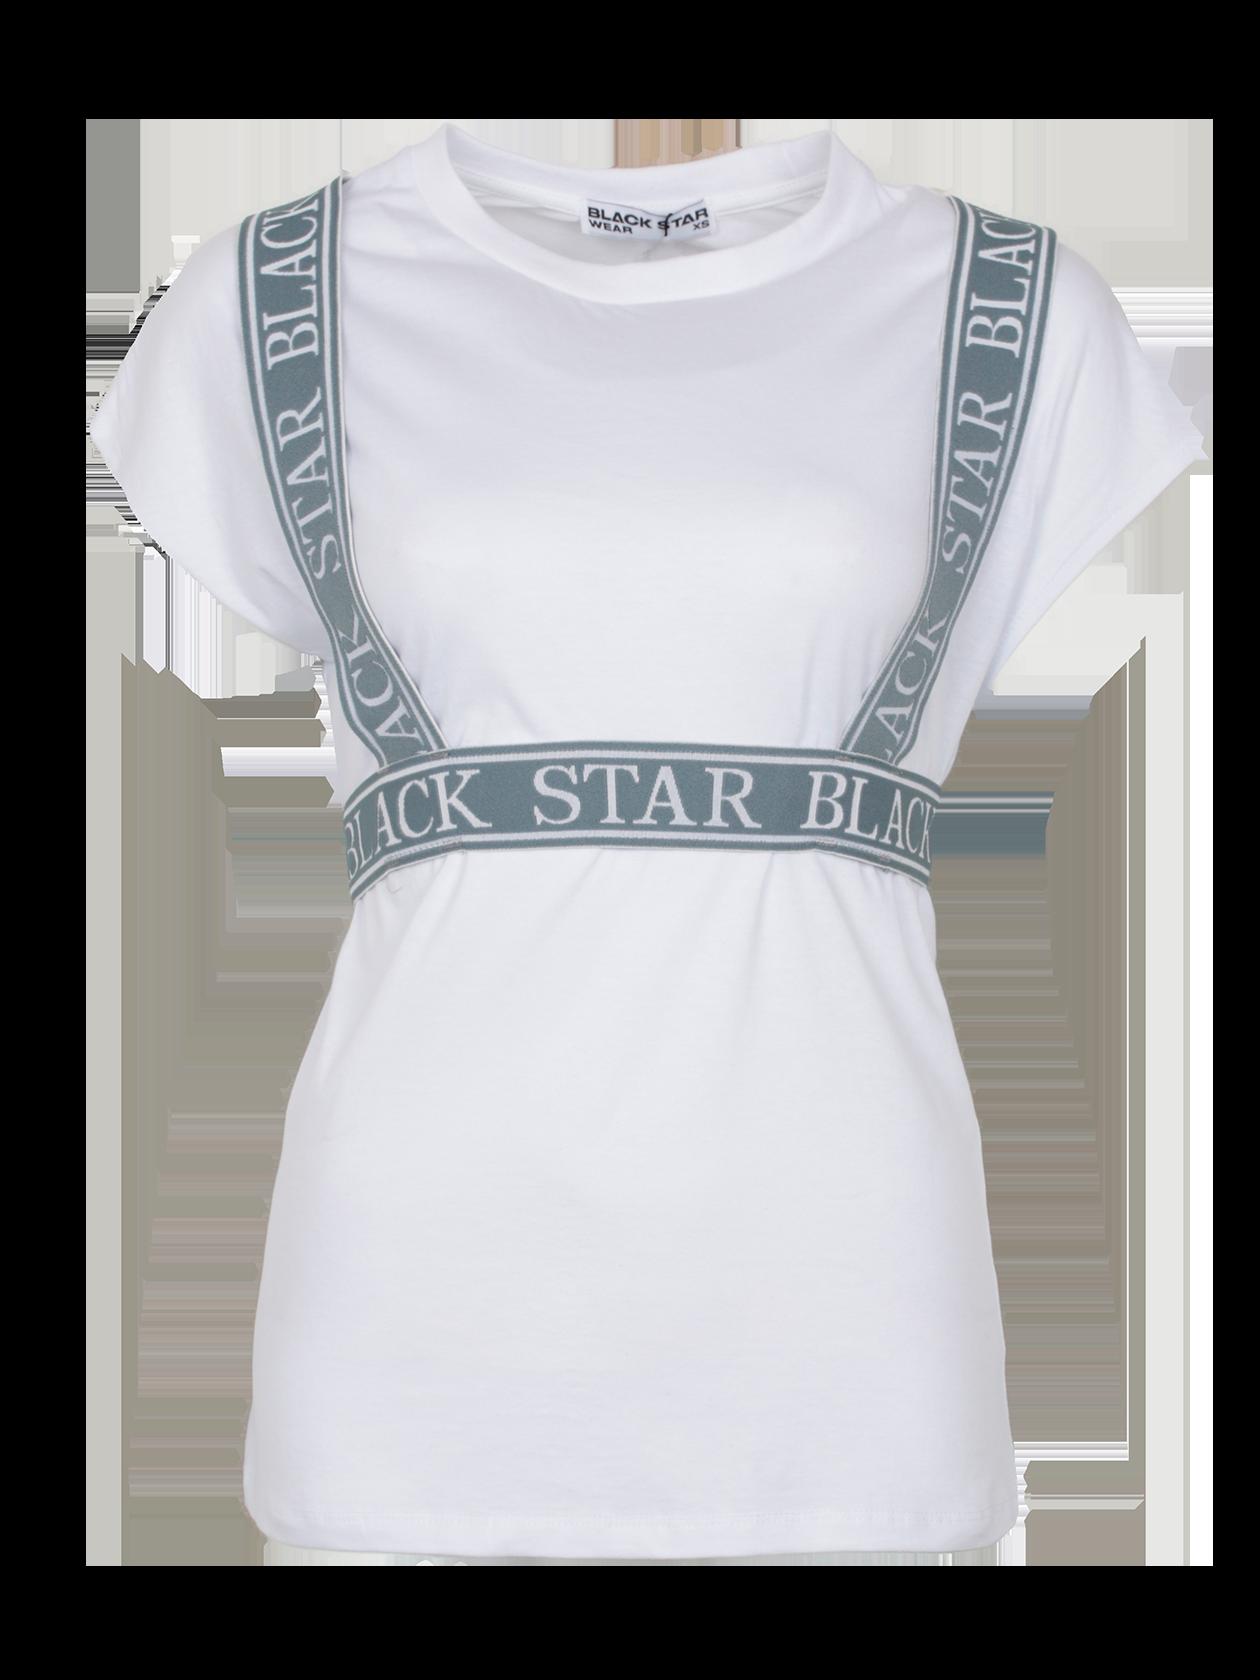 Футболка женская TAPES STARСтильная женская футболка TAPES STAR из новой коллекции Black Star Wear. Изделие из 100% хлопка премиального качества. Классического удлиненного кроя с коротким рукавом и округлой эластичной горловиной. Впечатляющий молодежный дизайн декорирован широкой резинкой светло-серого цвета с фирменным логотипом Black Star в виде подтяжек, что придает изделию уникальности и неповторимости стиля. Модель представлена в классическом белом цвете. Сделает любой образ стильным и неподражаемым.<br><br>Размер: XS<br>Цвет: Белый<br>Пол: Женский